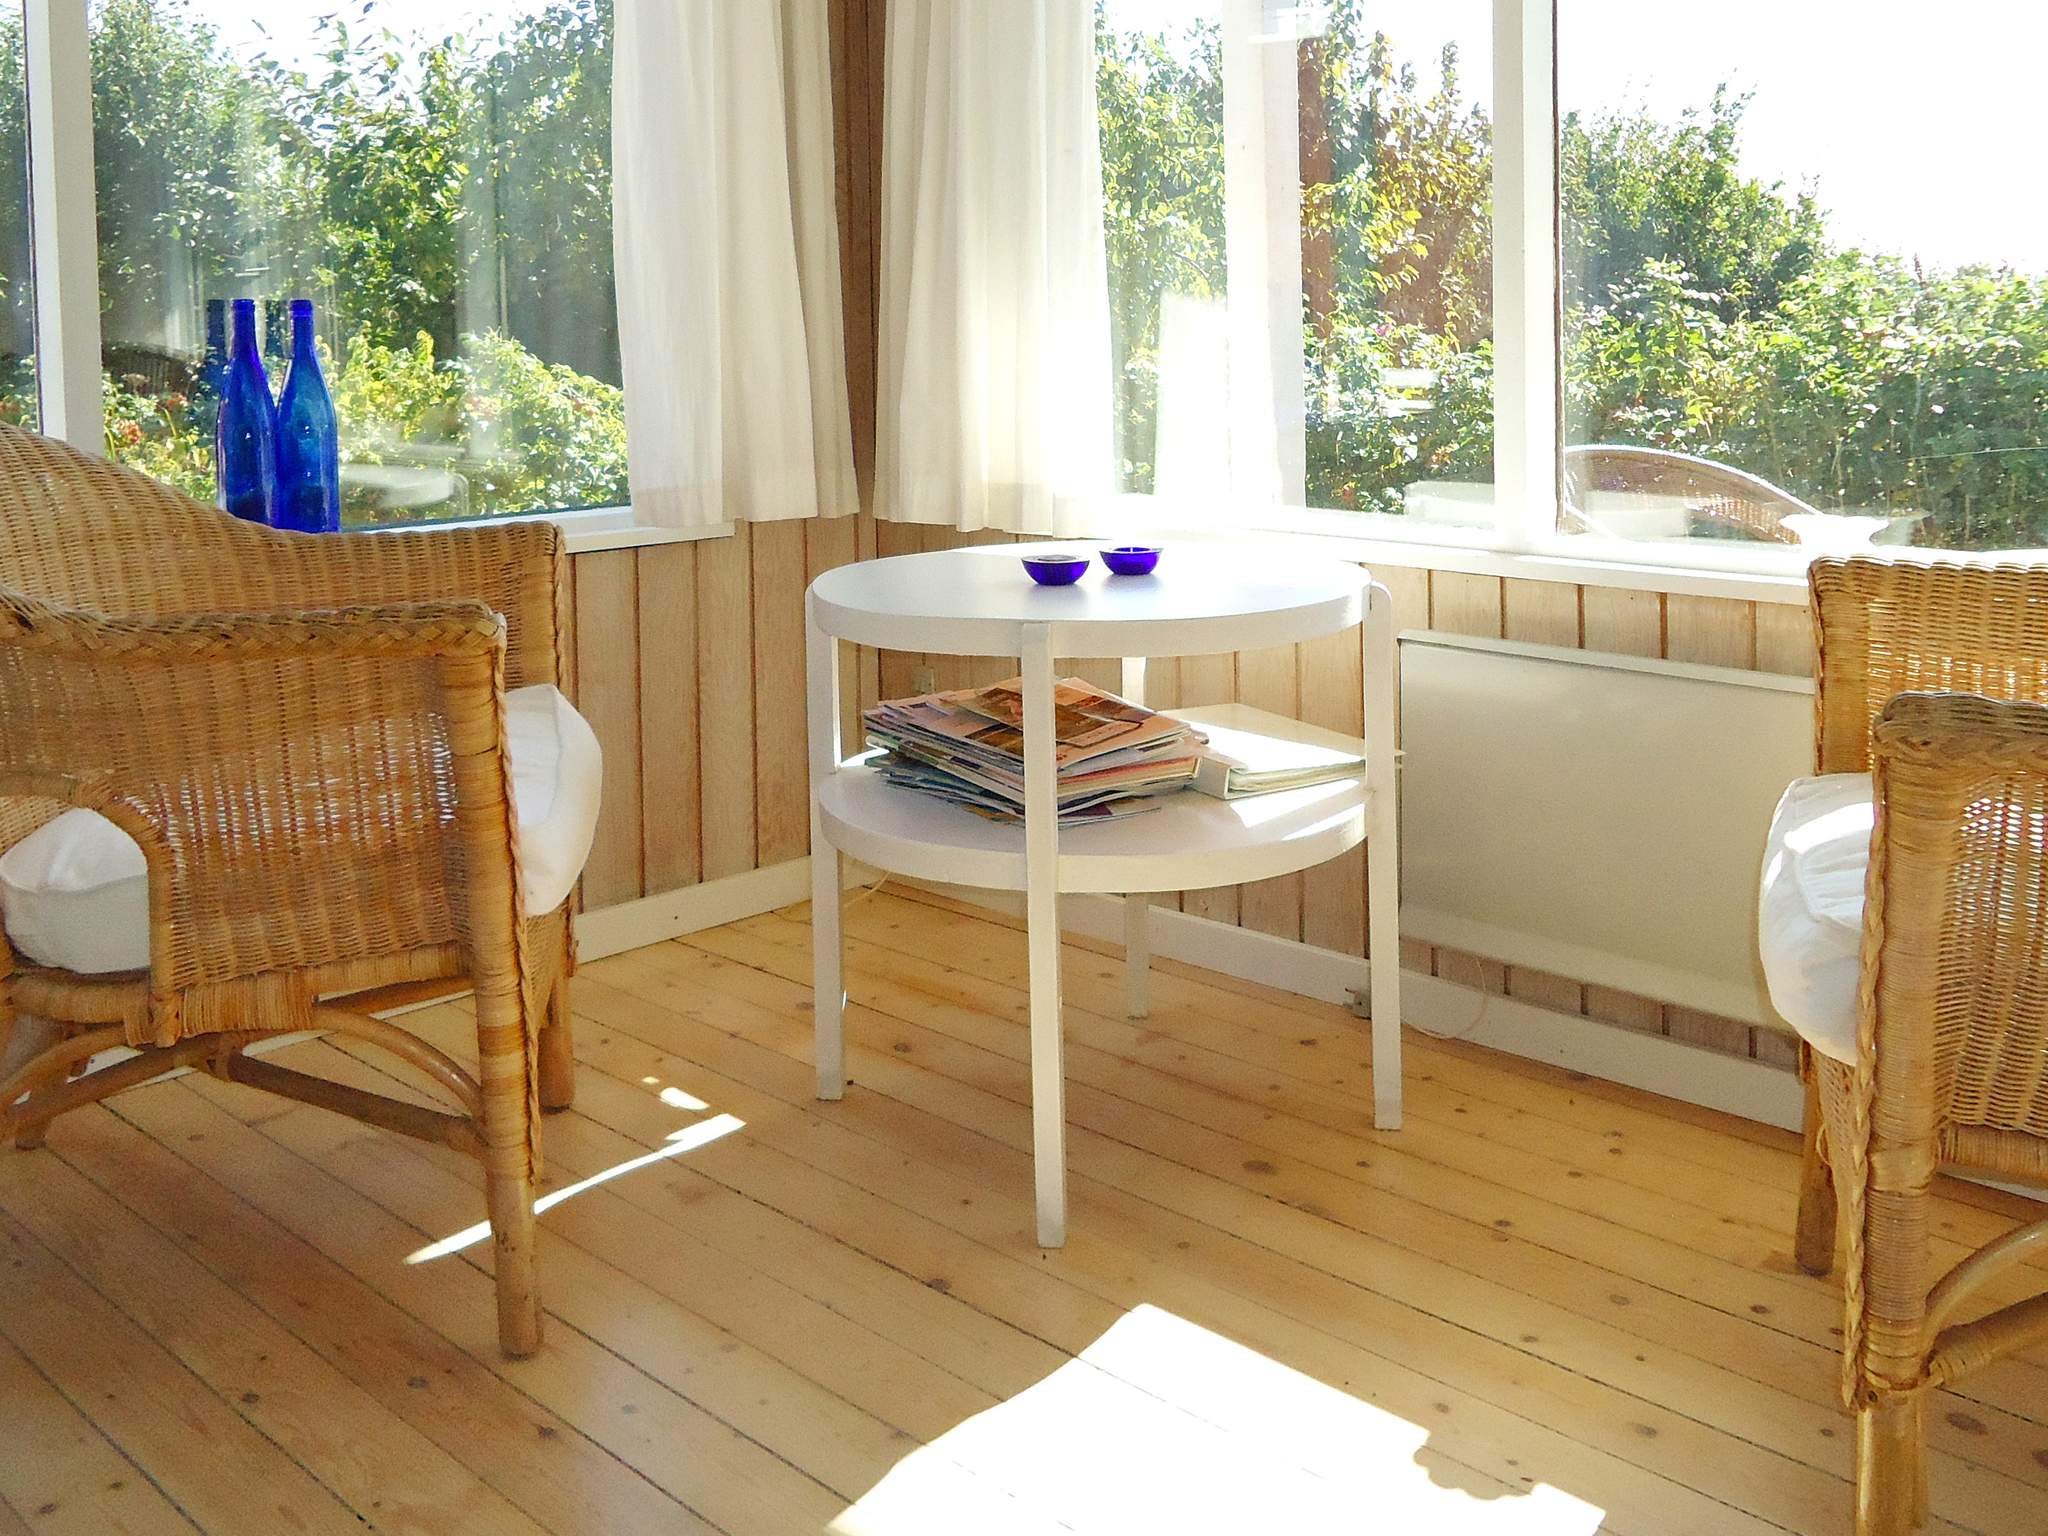 Ferienhaus Bakkebølle Strand (81867), Bakkebølle Strand, , Südseeland, Dänemark, Bild 9